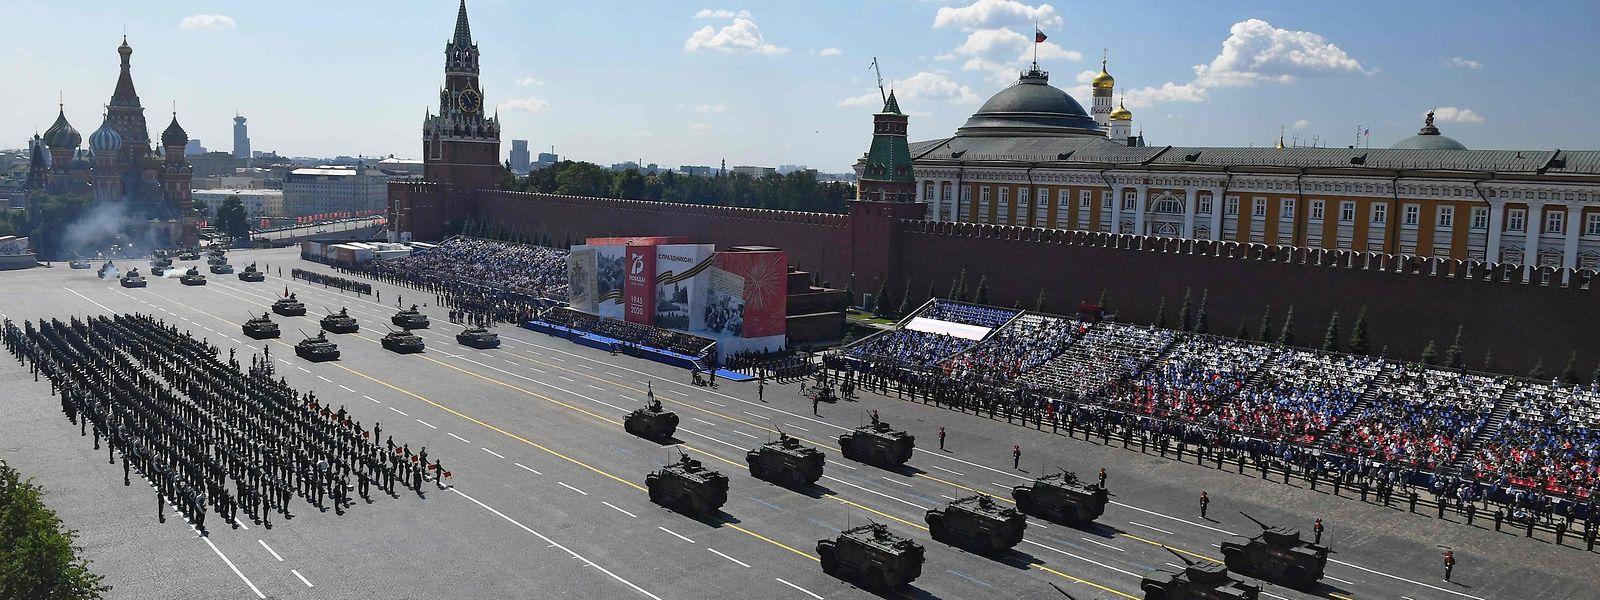 Putin nahm bei Sonnenschein die Parade mit Panzern, Raketen, einer Flugschau und mehr als 13.000 Soldaten ab - trotz der Corona-Pandemie.